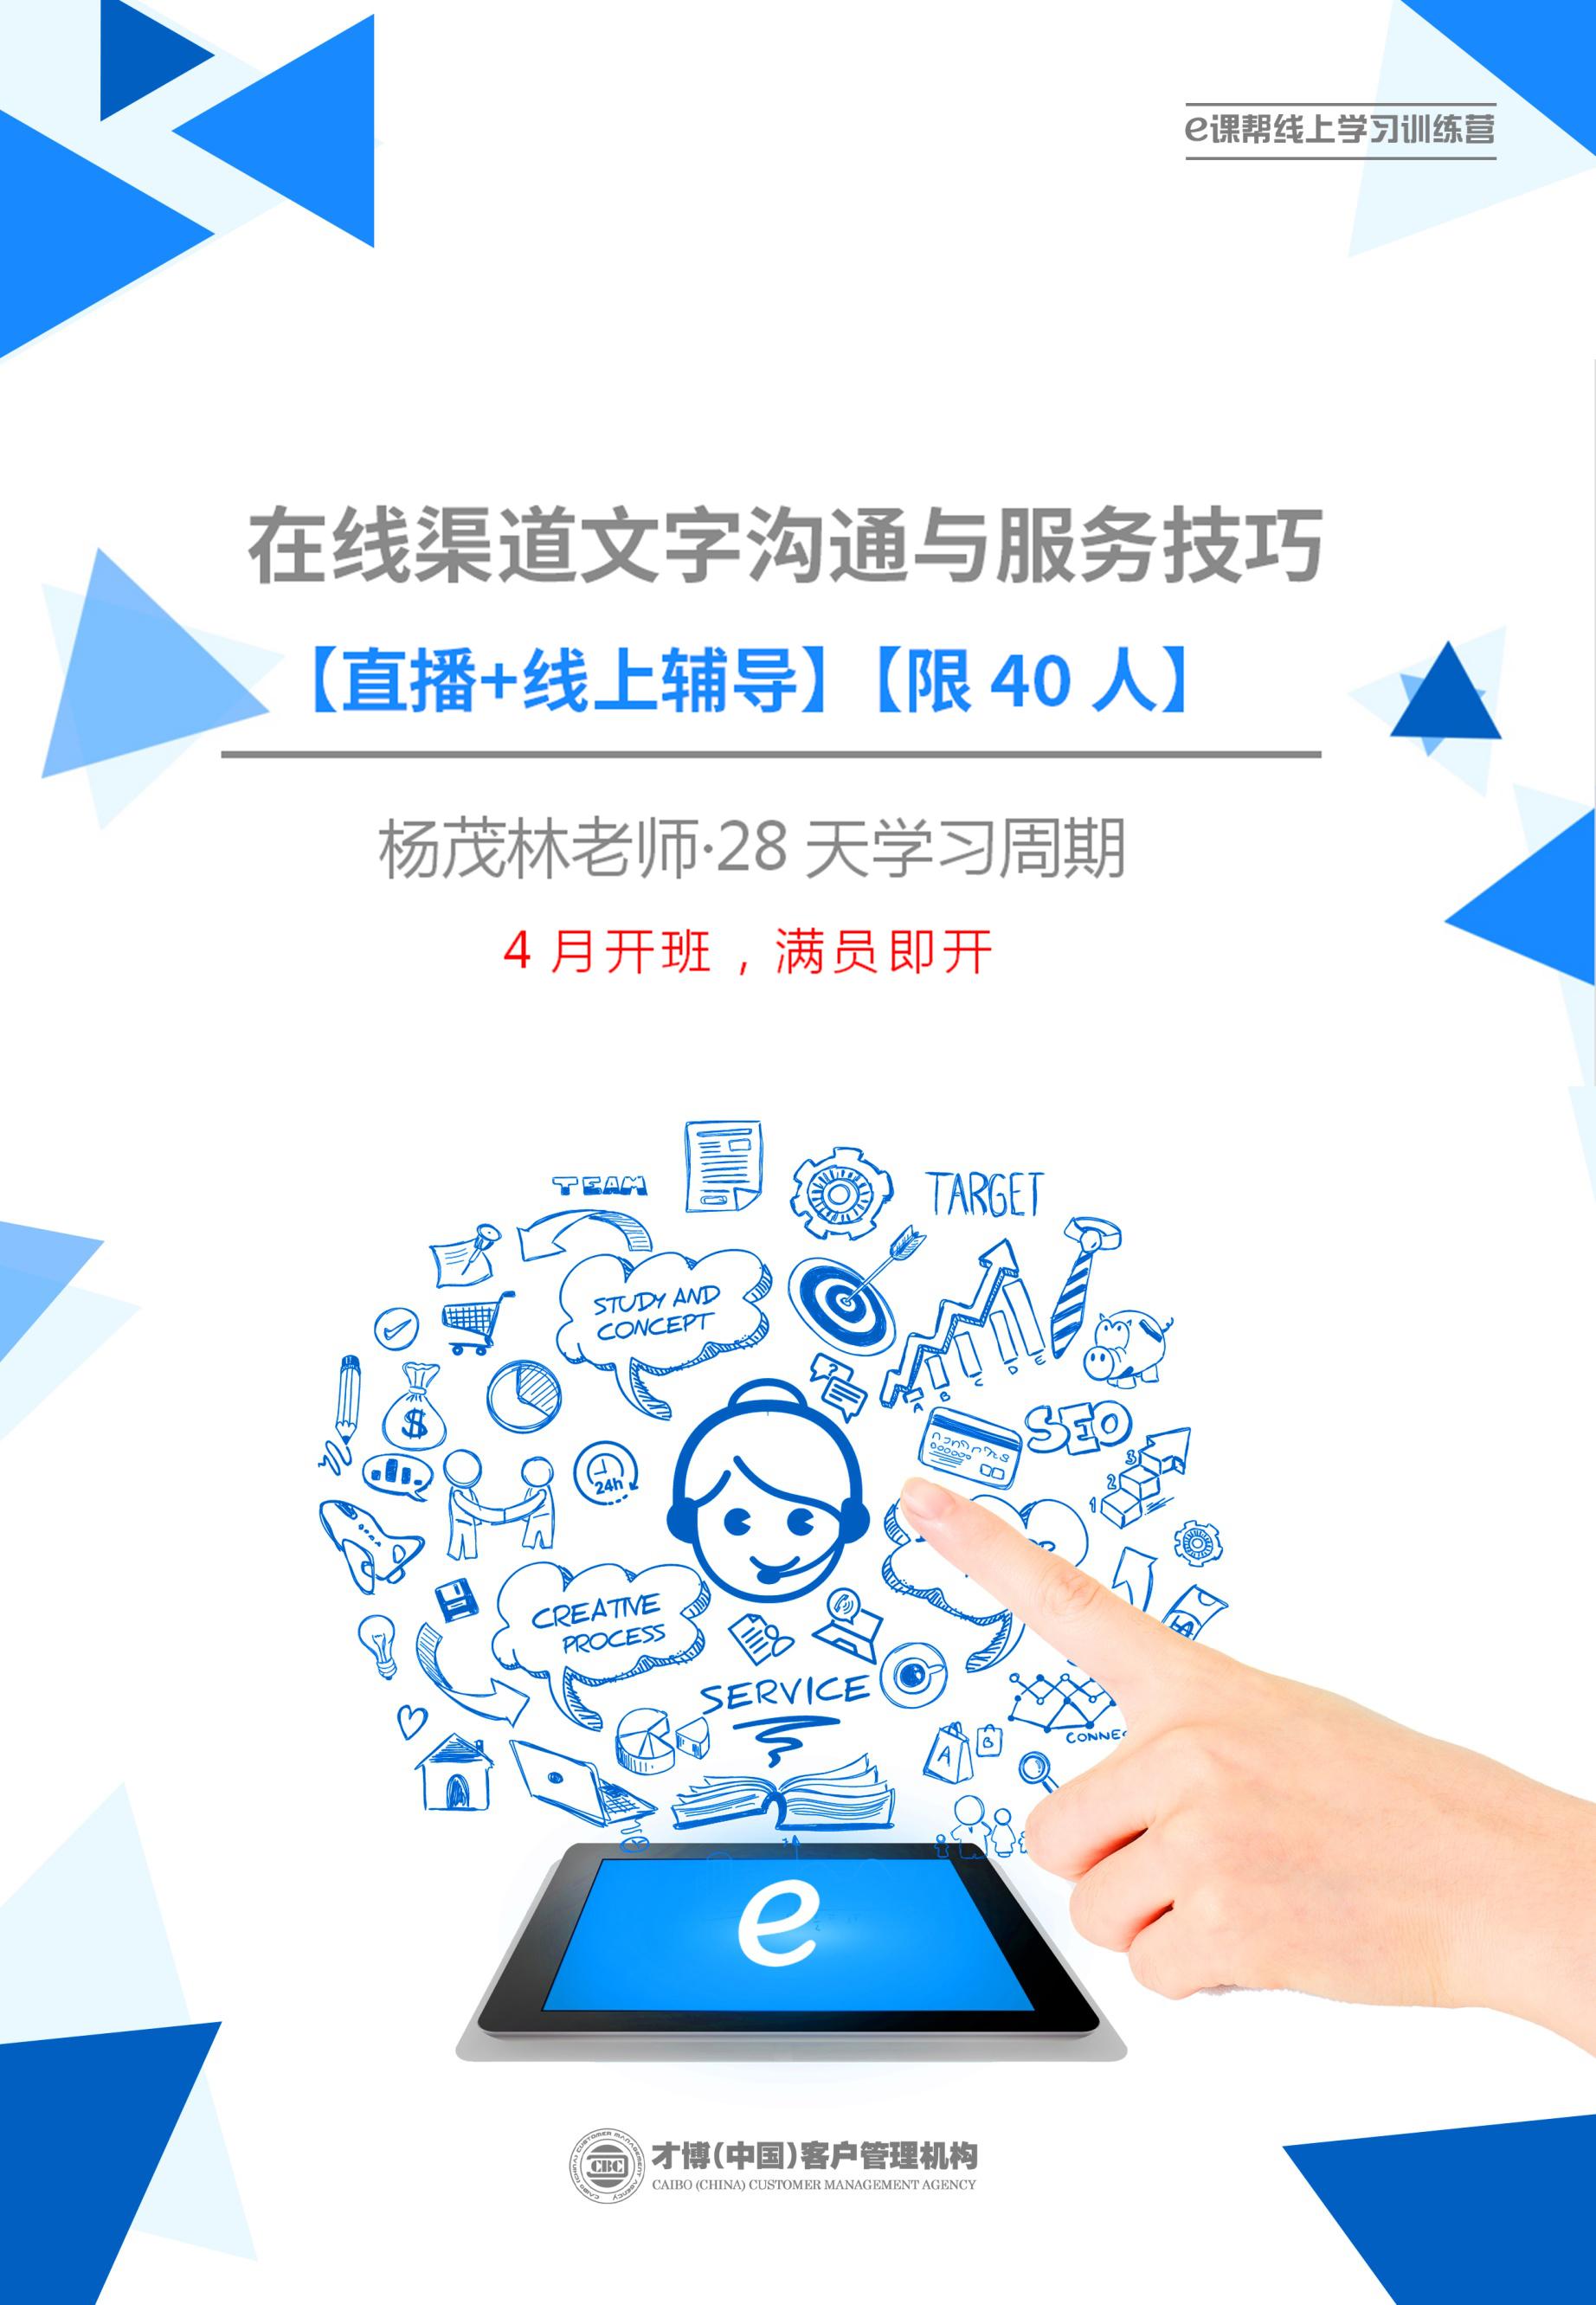 【e课帮线上学习训练营】在线渠道文字沟通与服务技巧